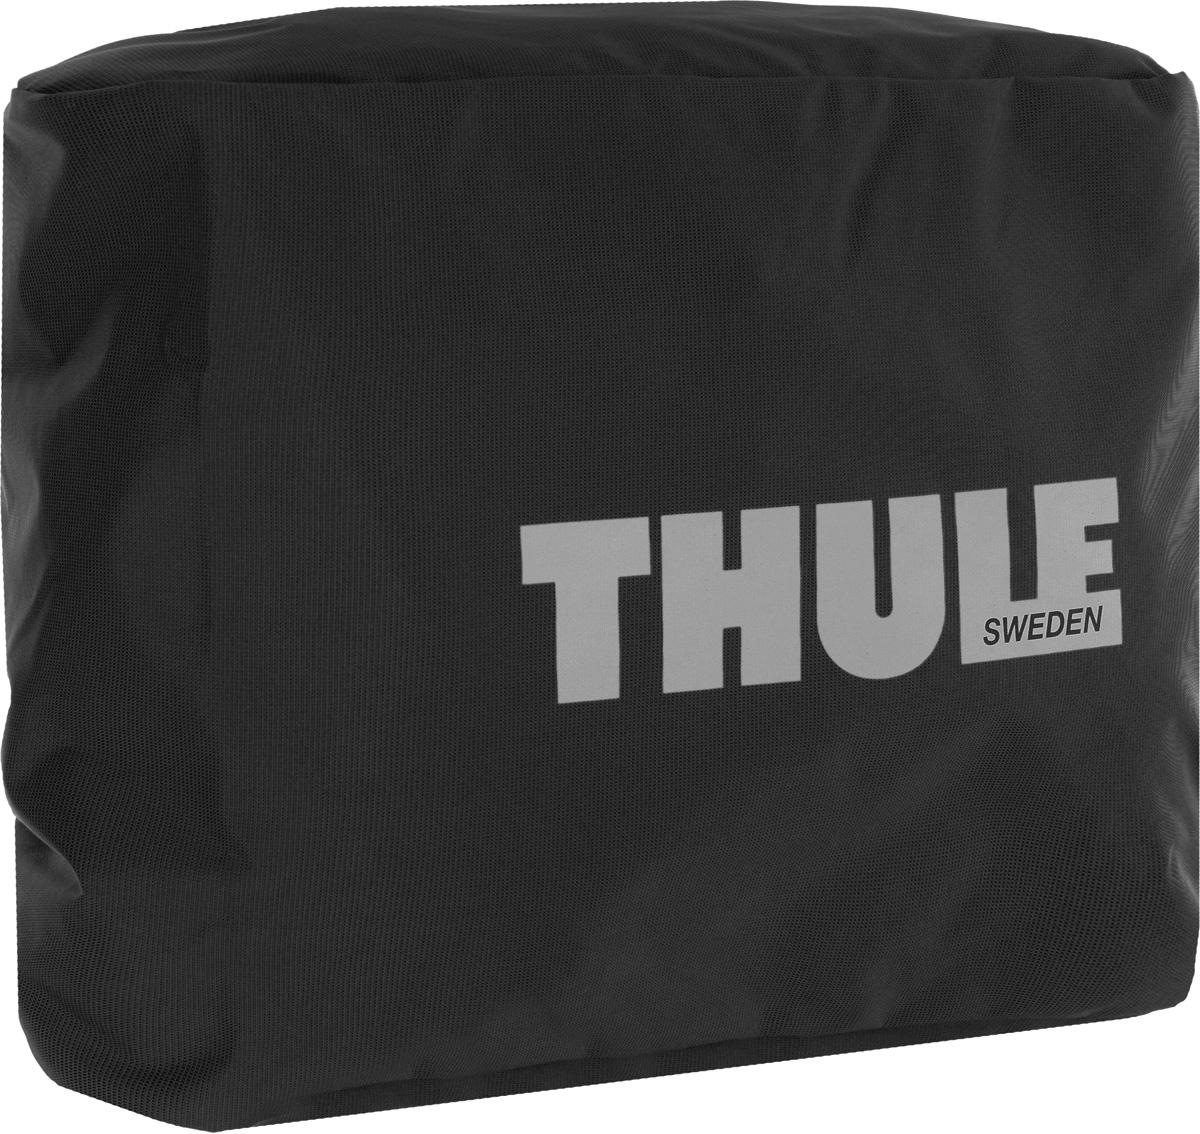 Чехол-дождевик для сумки Thule Pannier, цвет: черныйZ90 blackЧехол-дождевик для сумки Thule Pannier предназначен для использования с велосипедными сумками Thule Packn Pedal Large Pannier. Чехол выполнен из прочного водонепроницаемого материала. Благодаря эластичной резинке легко и просто одевается на сумку. С таким чехлом ваша велосипедная сумка не промокнет, и все содержимое останется сухим.